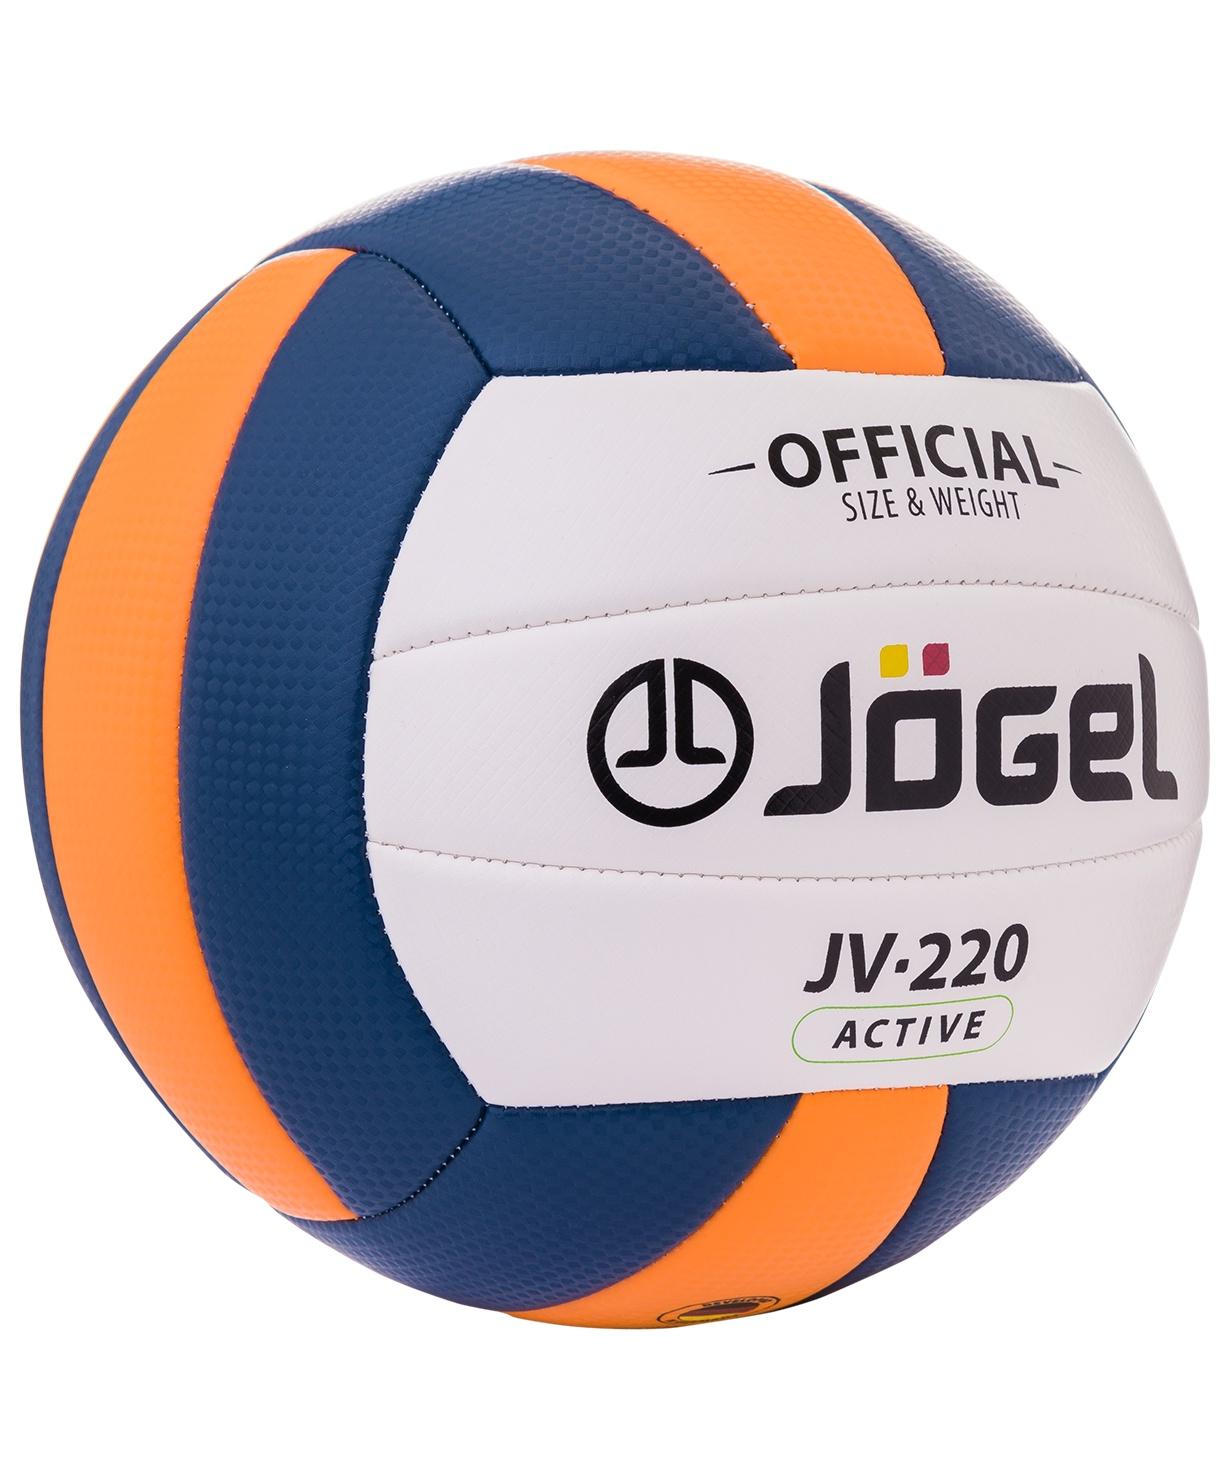 Мяч волейбольный Jogel JV-220 мяч волейбольный jоgel jv 220 цвет синий оранжевый размер 4